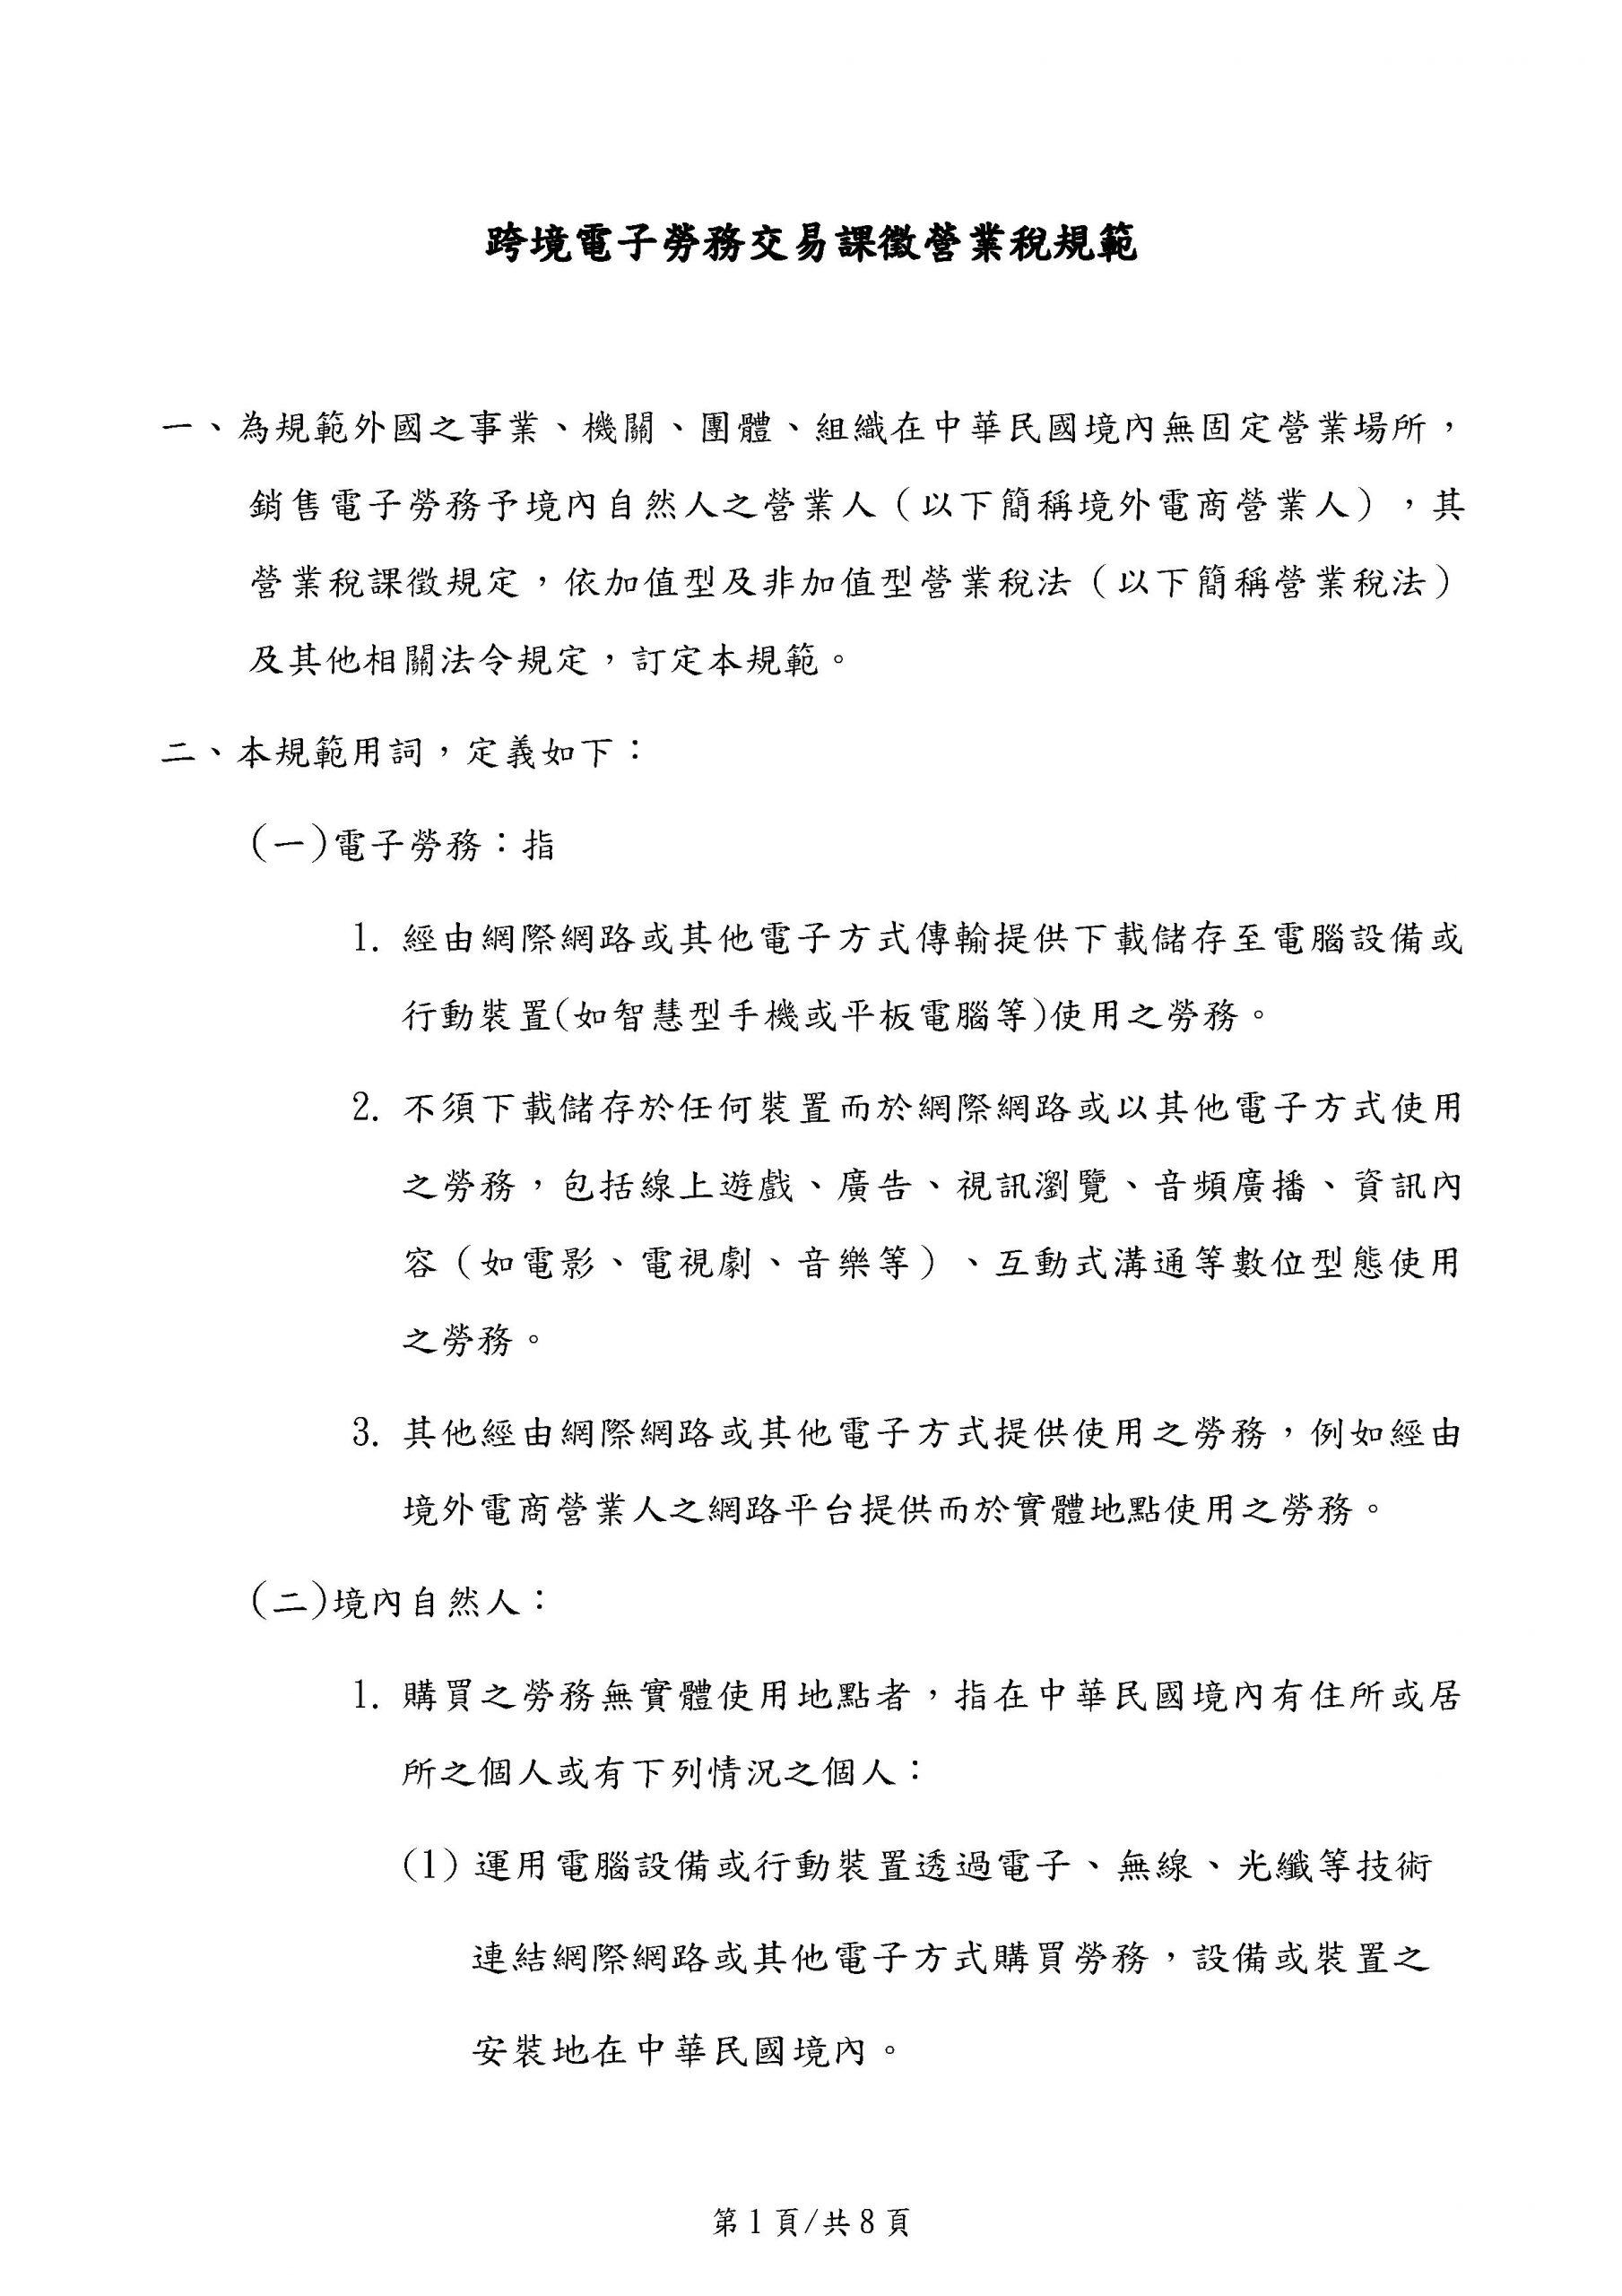 跨境電子勞務交易課徵營業稅規範